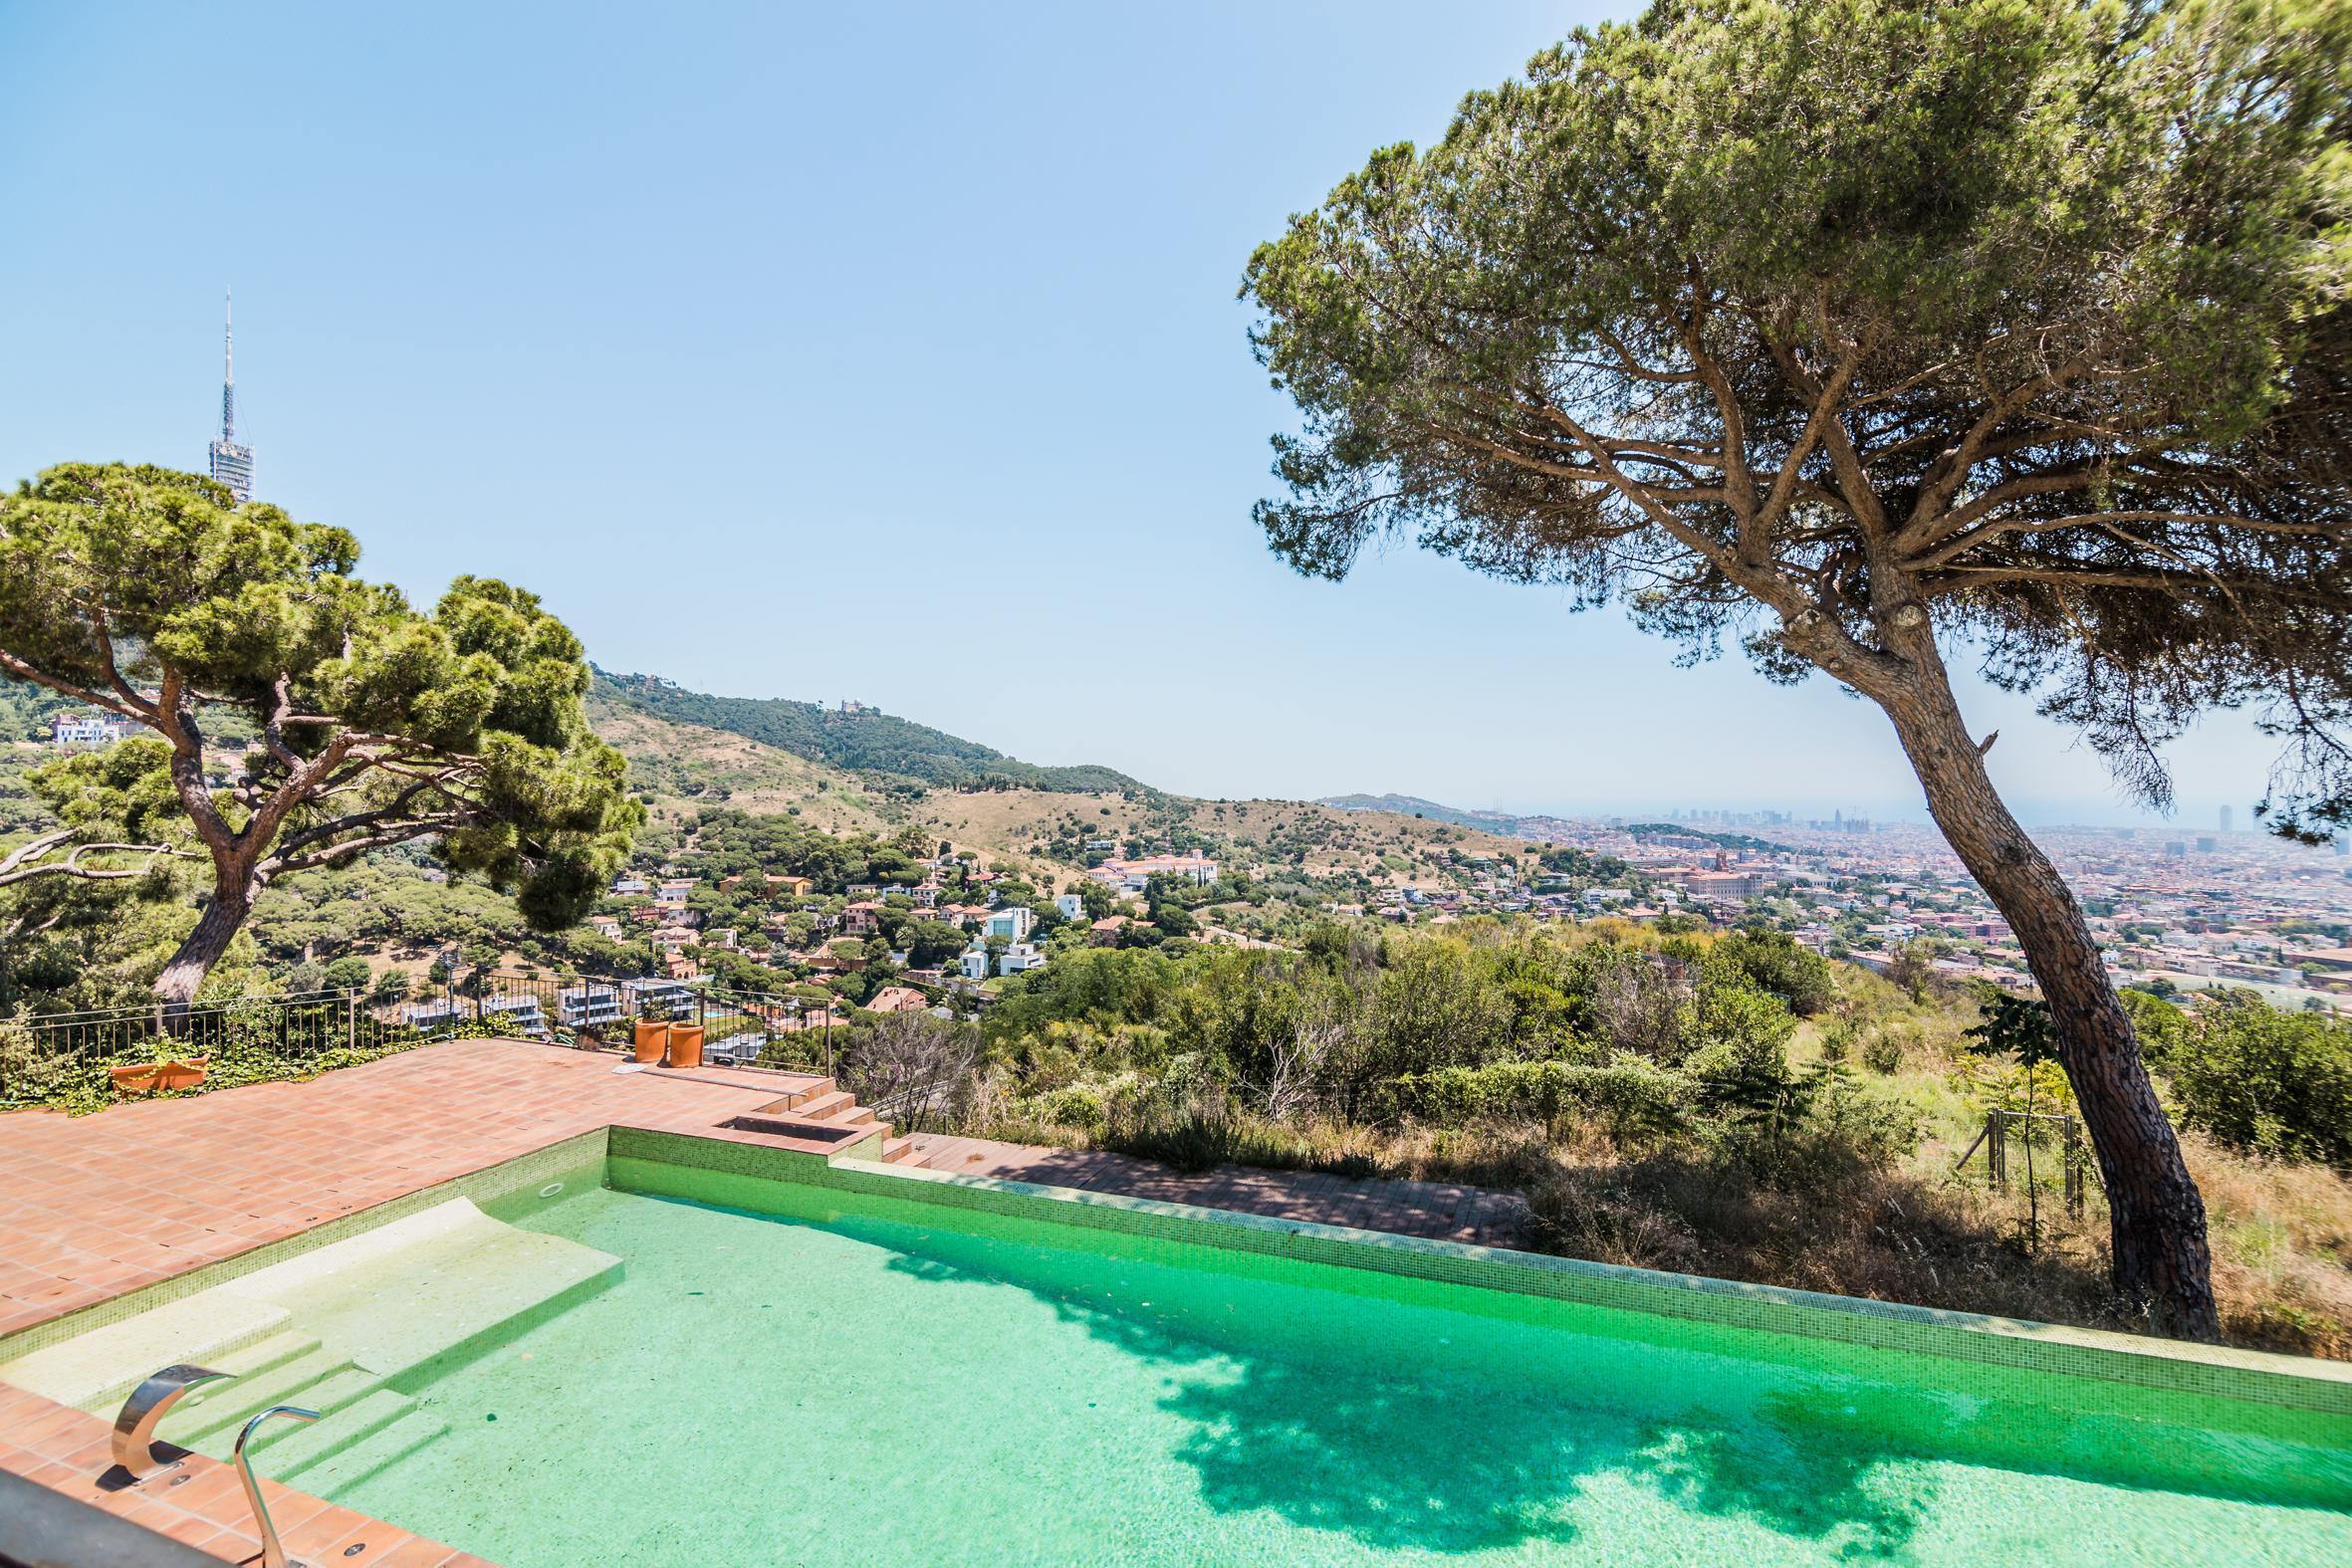 208148 Casa Aislada en venta en Sarrià-Sant Gervasi, Sarrià 23